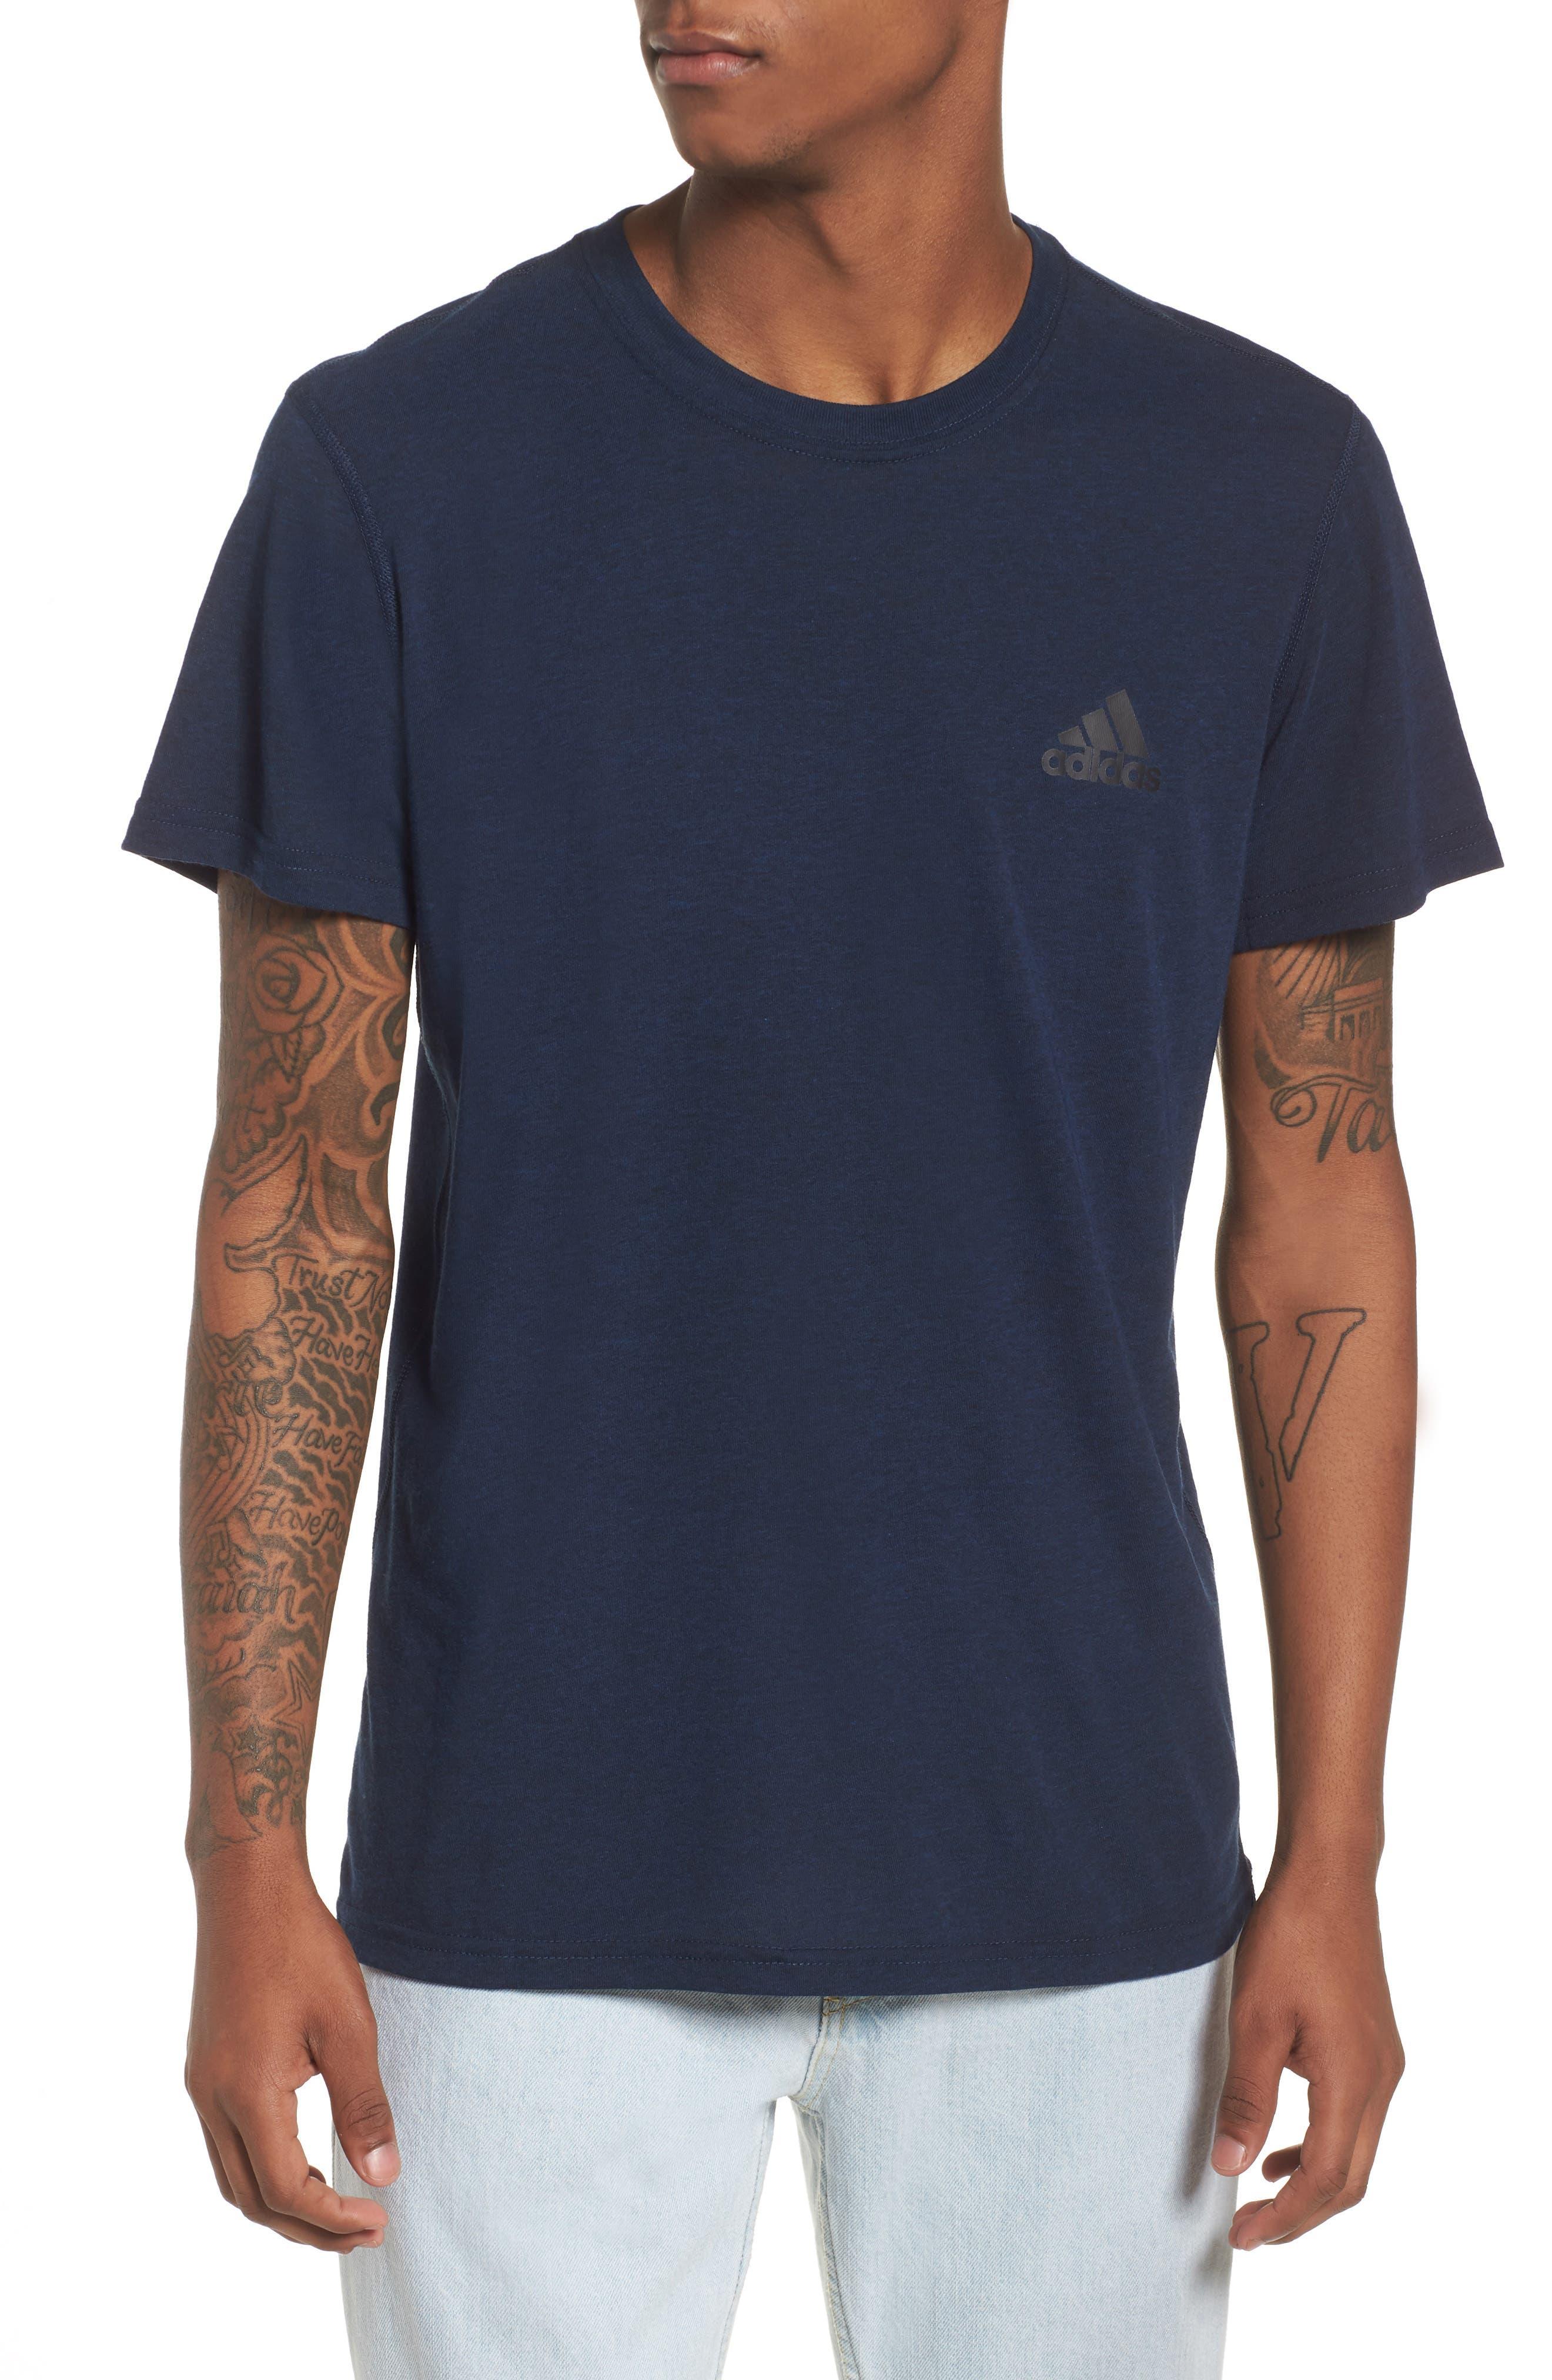 Ult Crewneck T-Shirt,                         Main,                         color, 002